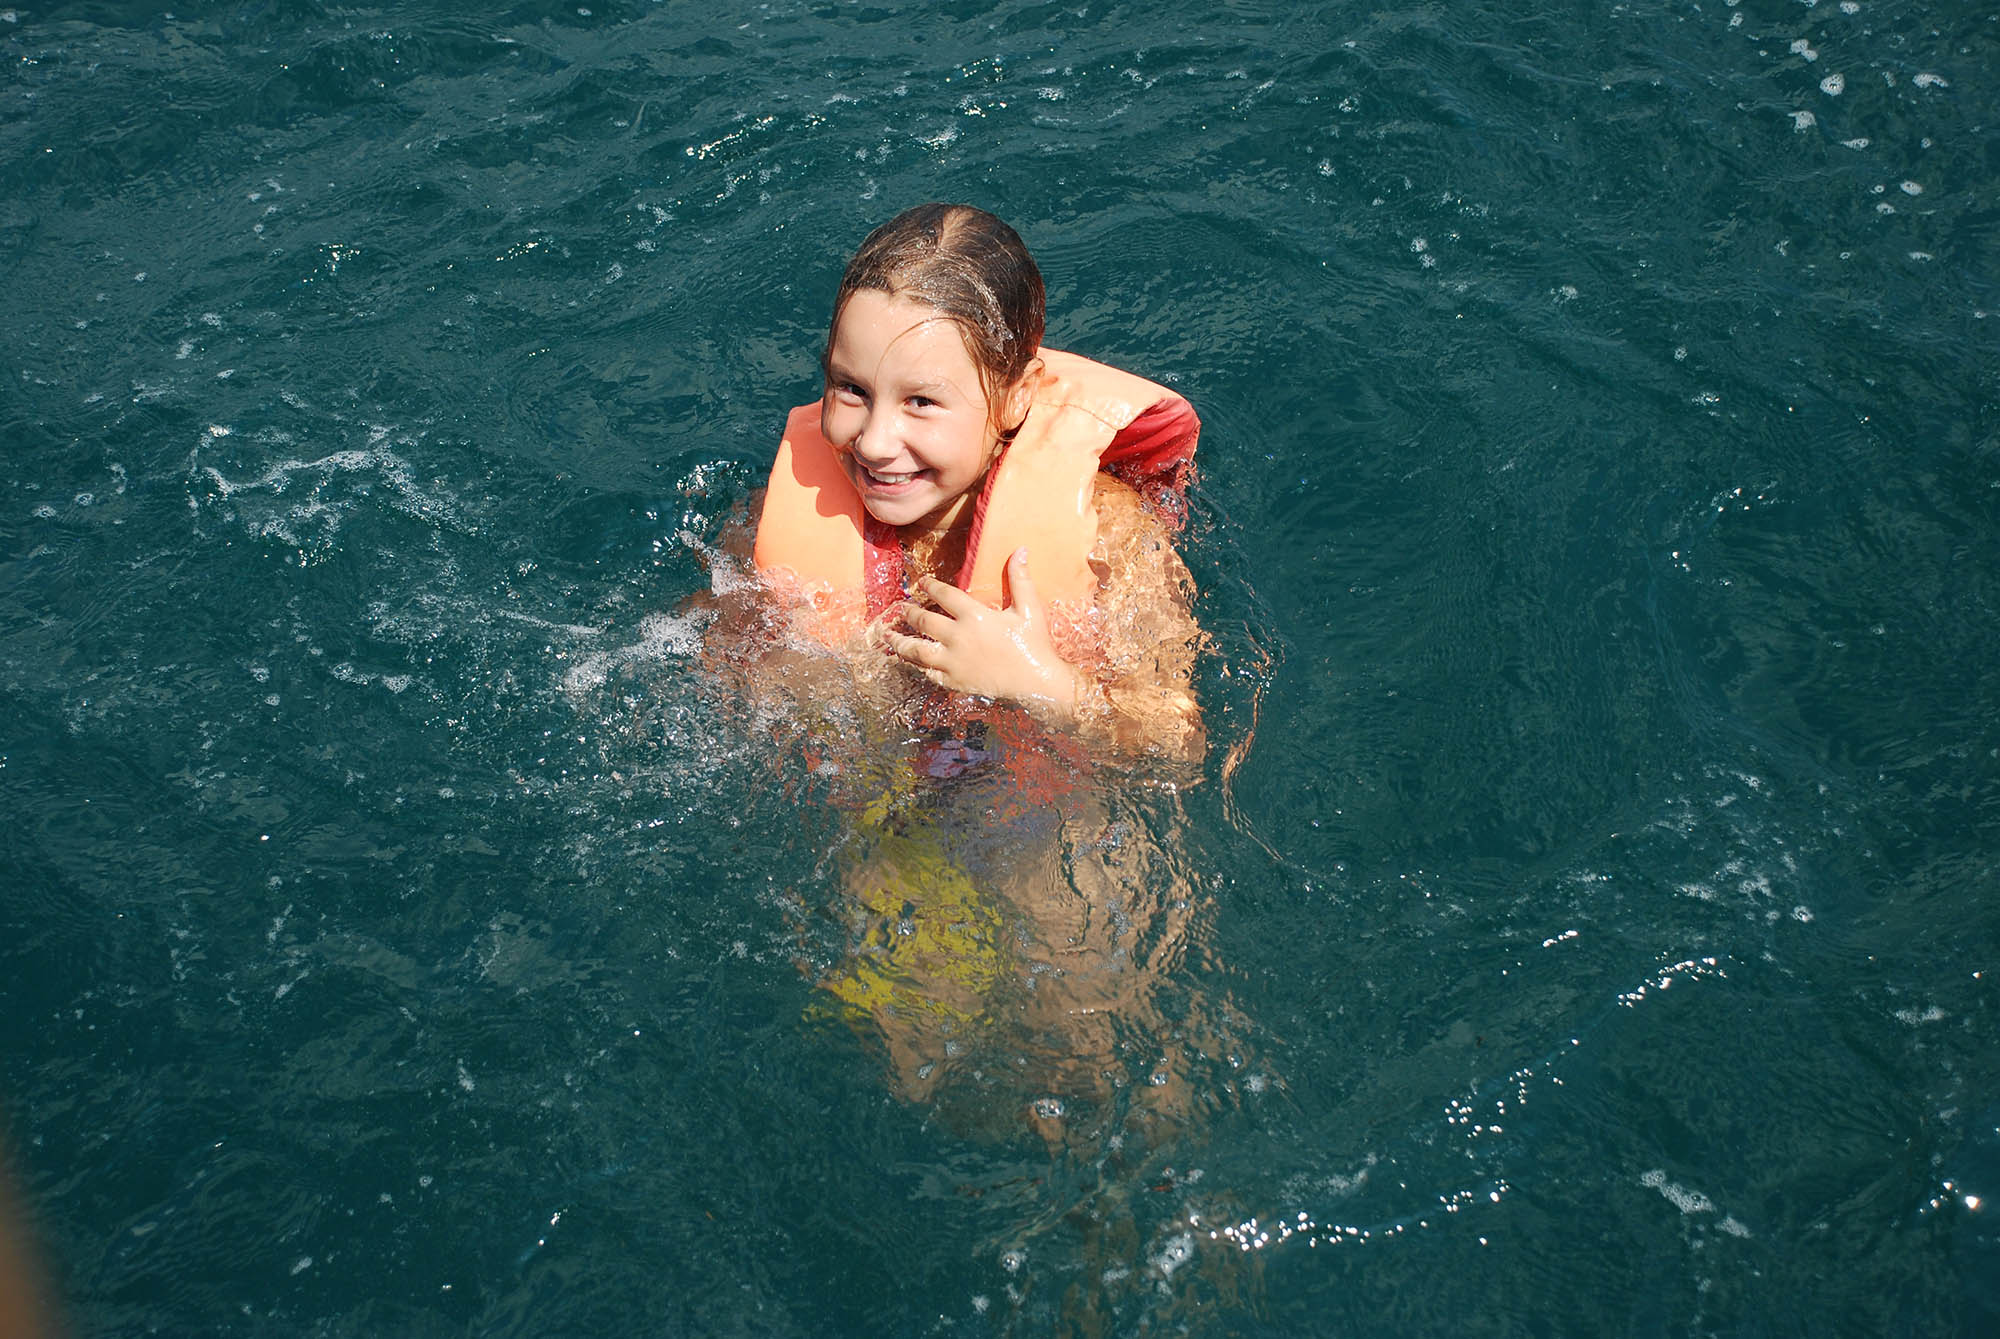 Морская прогулка, купанее в море